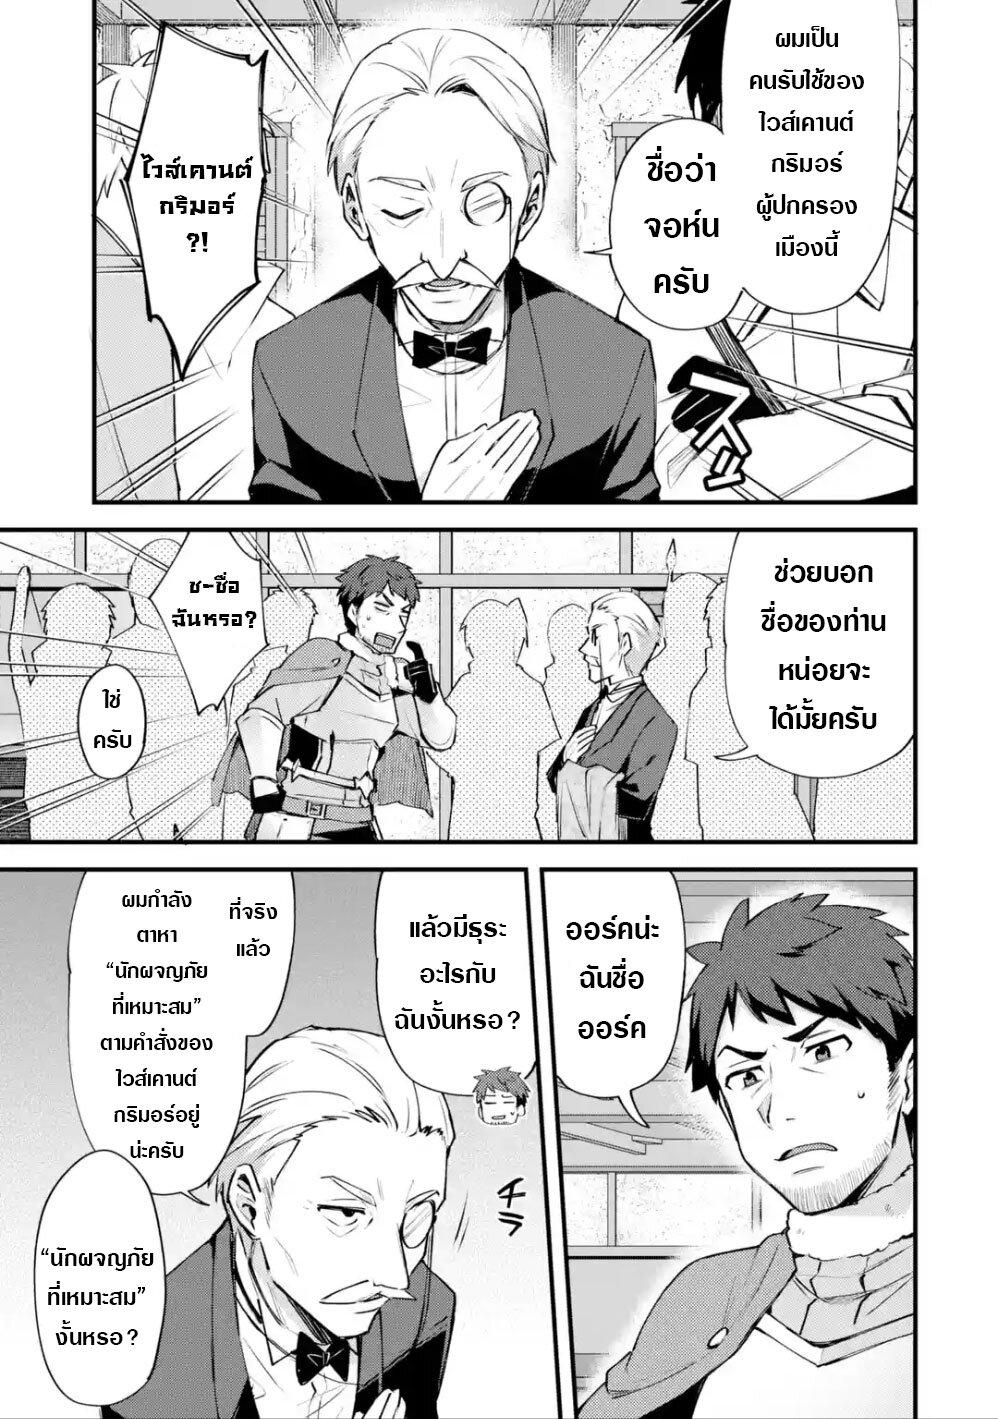 อ่านการ์ตูน Nido Tensei Shita Shounen wa S Rank Boukensha Toshite Heion ni Sugosu-zense ga kenja de eiyuu datta boku wa raisede wa jimini ikiru ตอนที่ 8 หน้าที่ 6